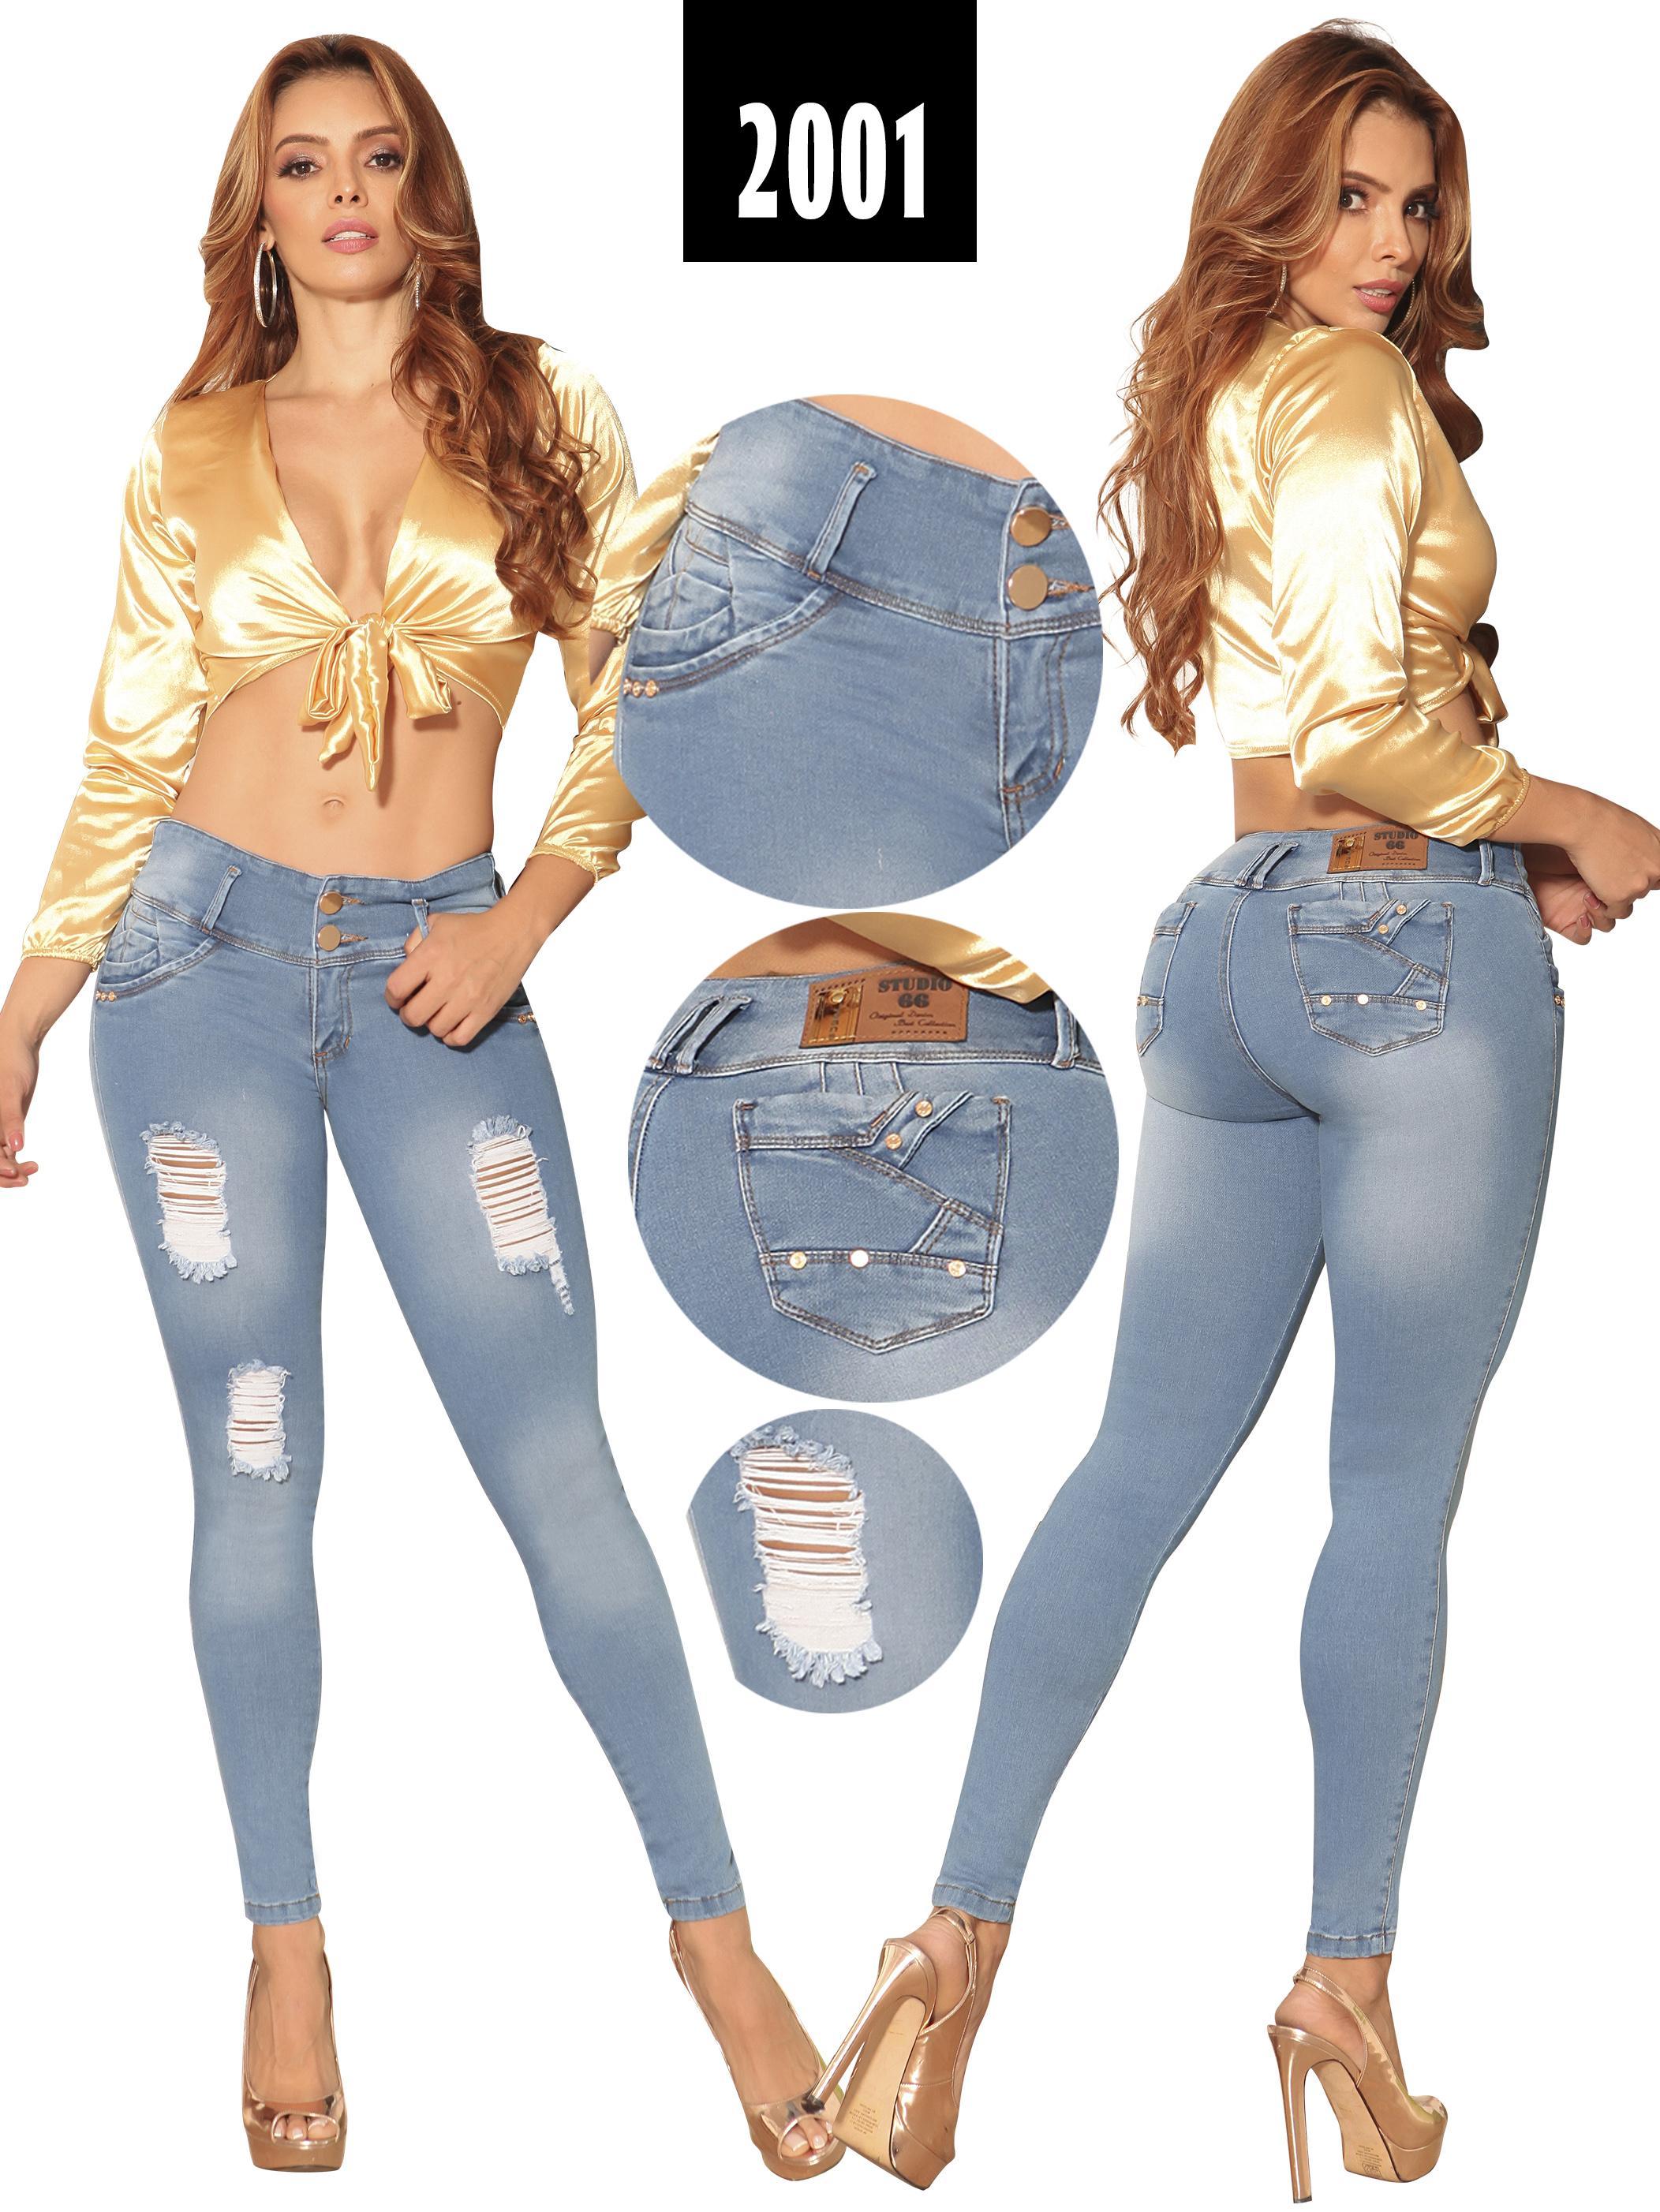 Pantalón de Dama Levanta cola Colombiano con Bolsillos traseros y desgastes destroyer en frontal. Marca Original Studio 66